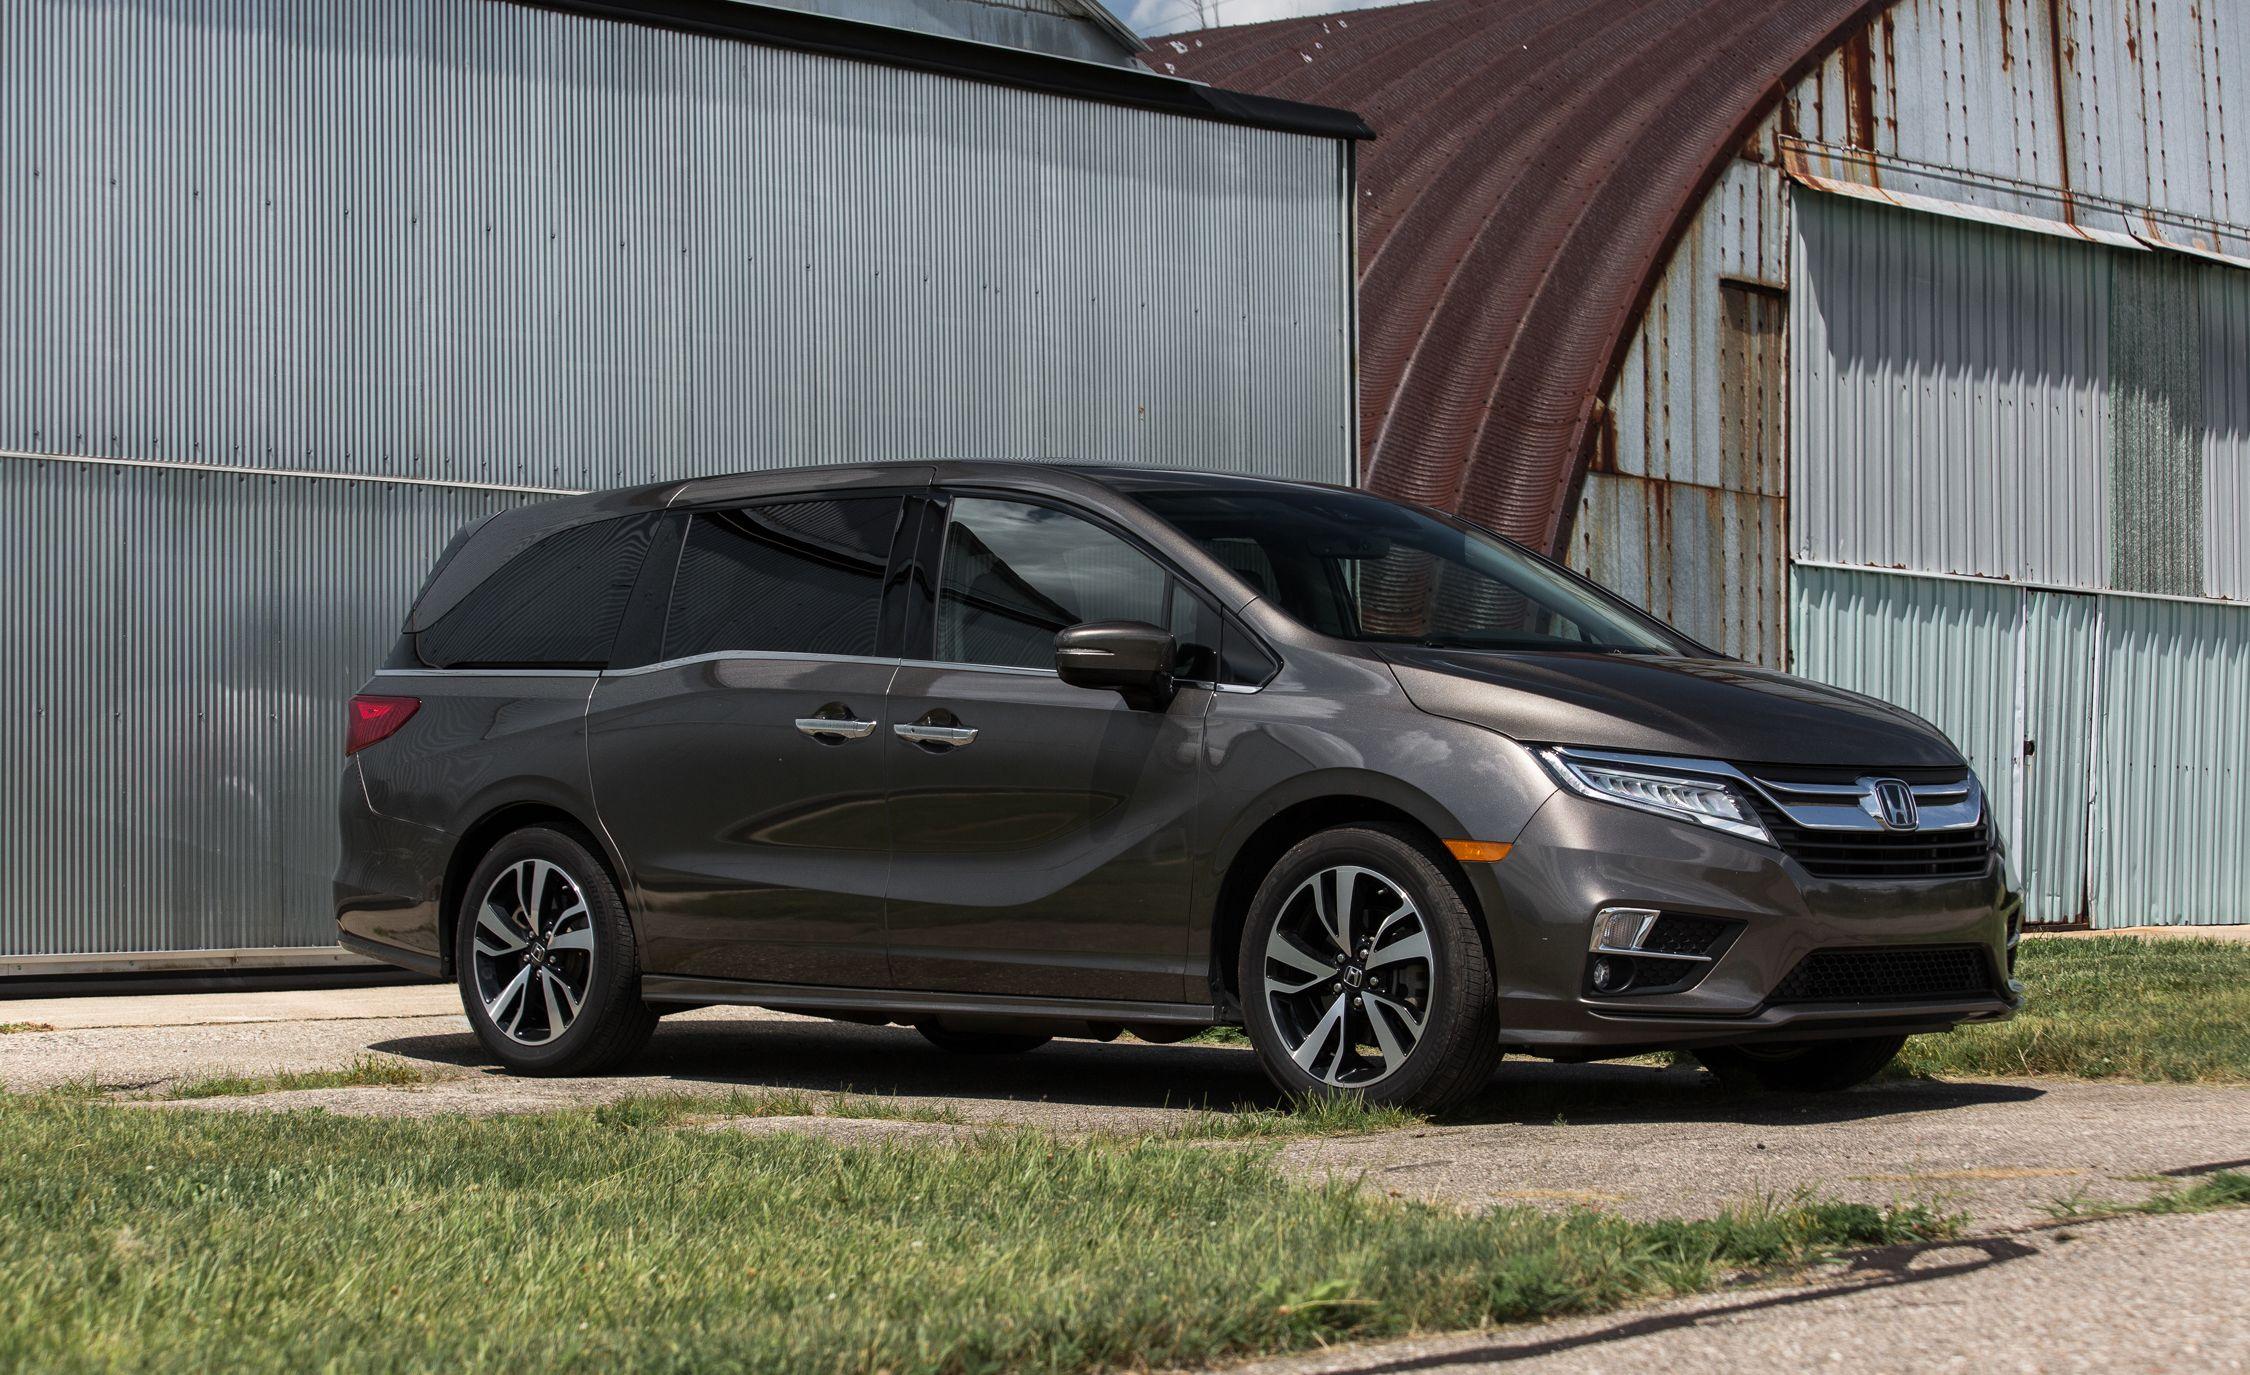 e26bf7239f 5 Best New Minivans of 2019 – Every New Minivan